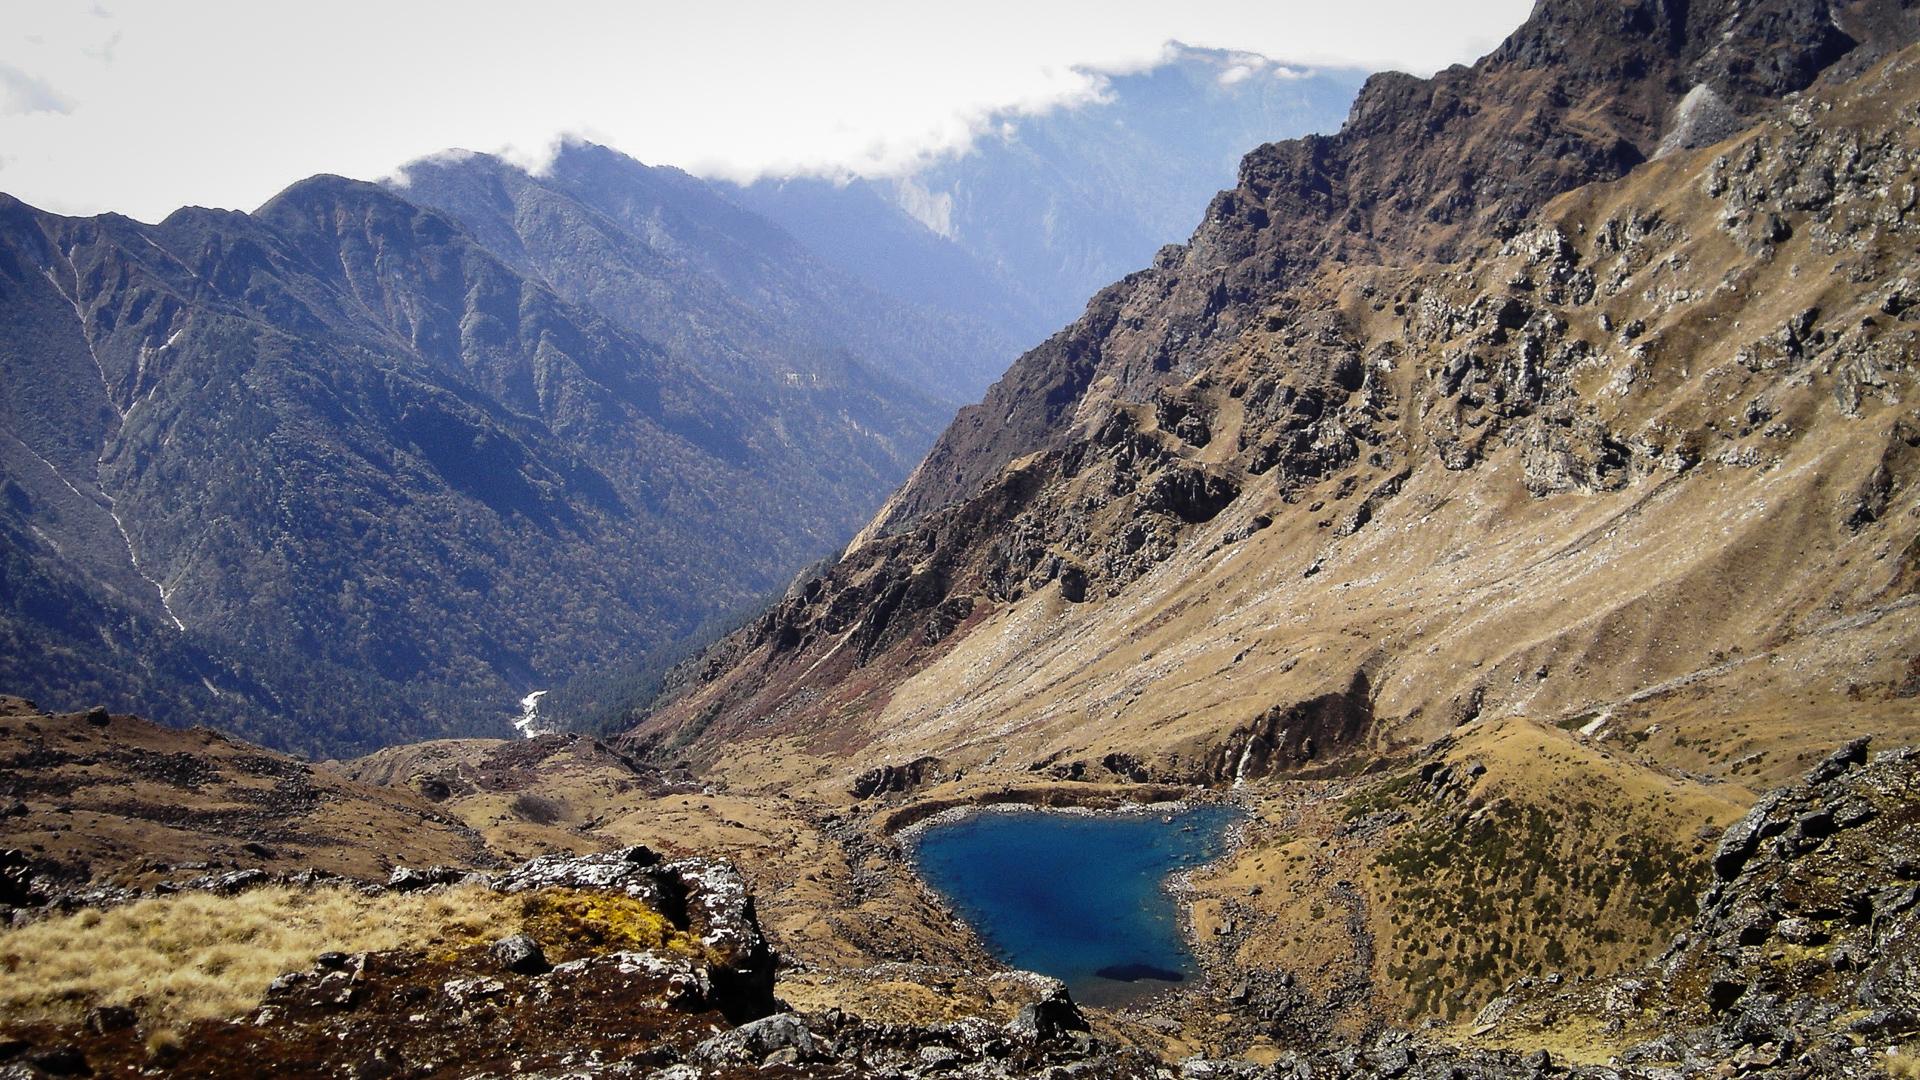 Ambiance sauvage sur le trek du Kanchenjunga